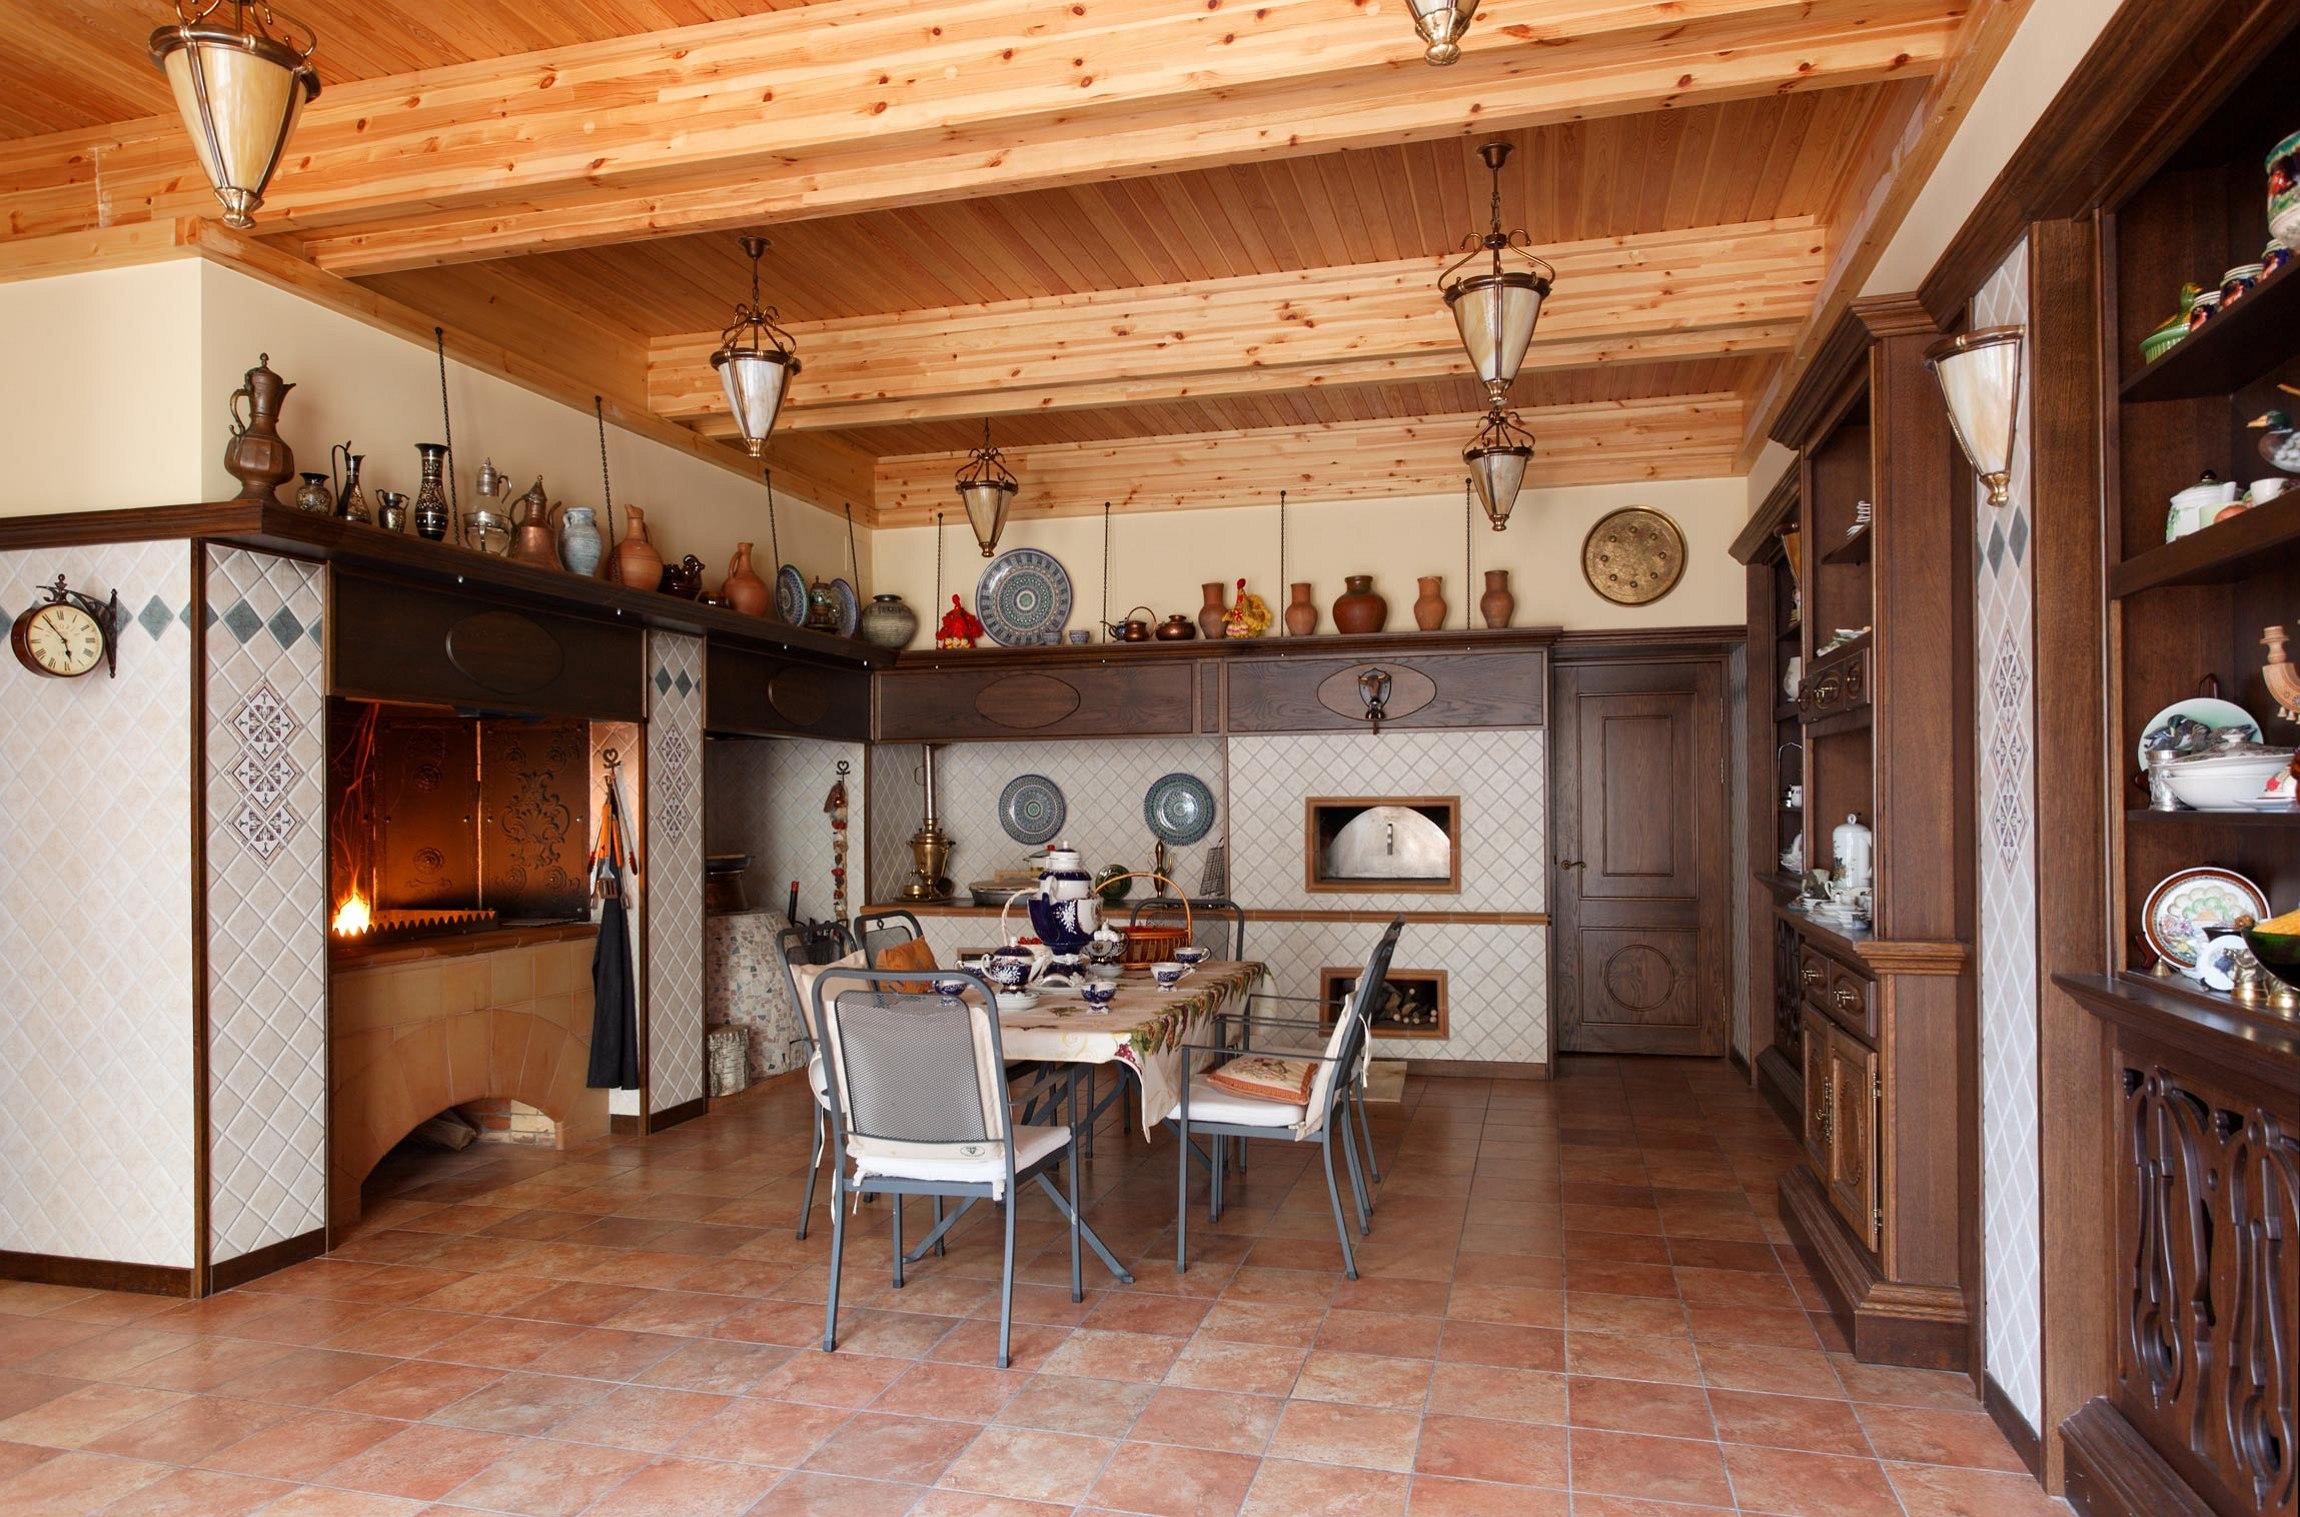 современная кухня с русской печкой фото дошла наших